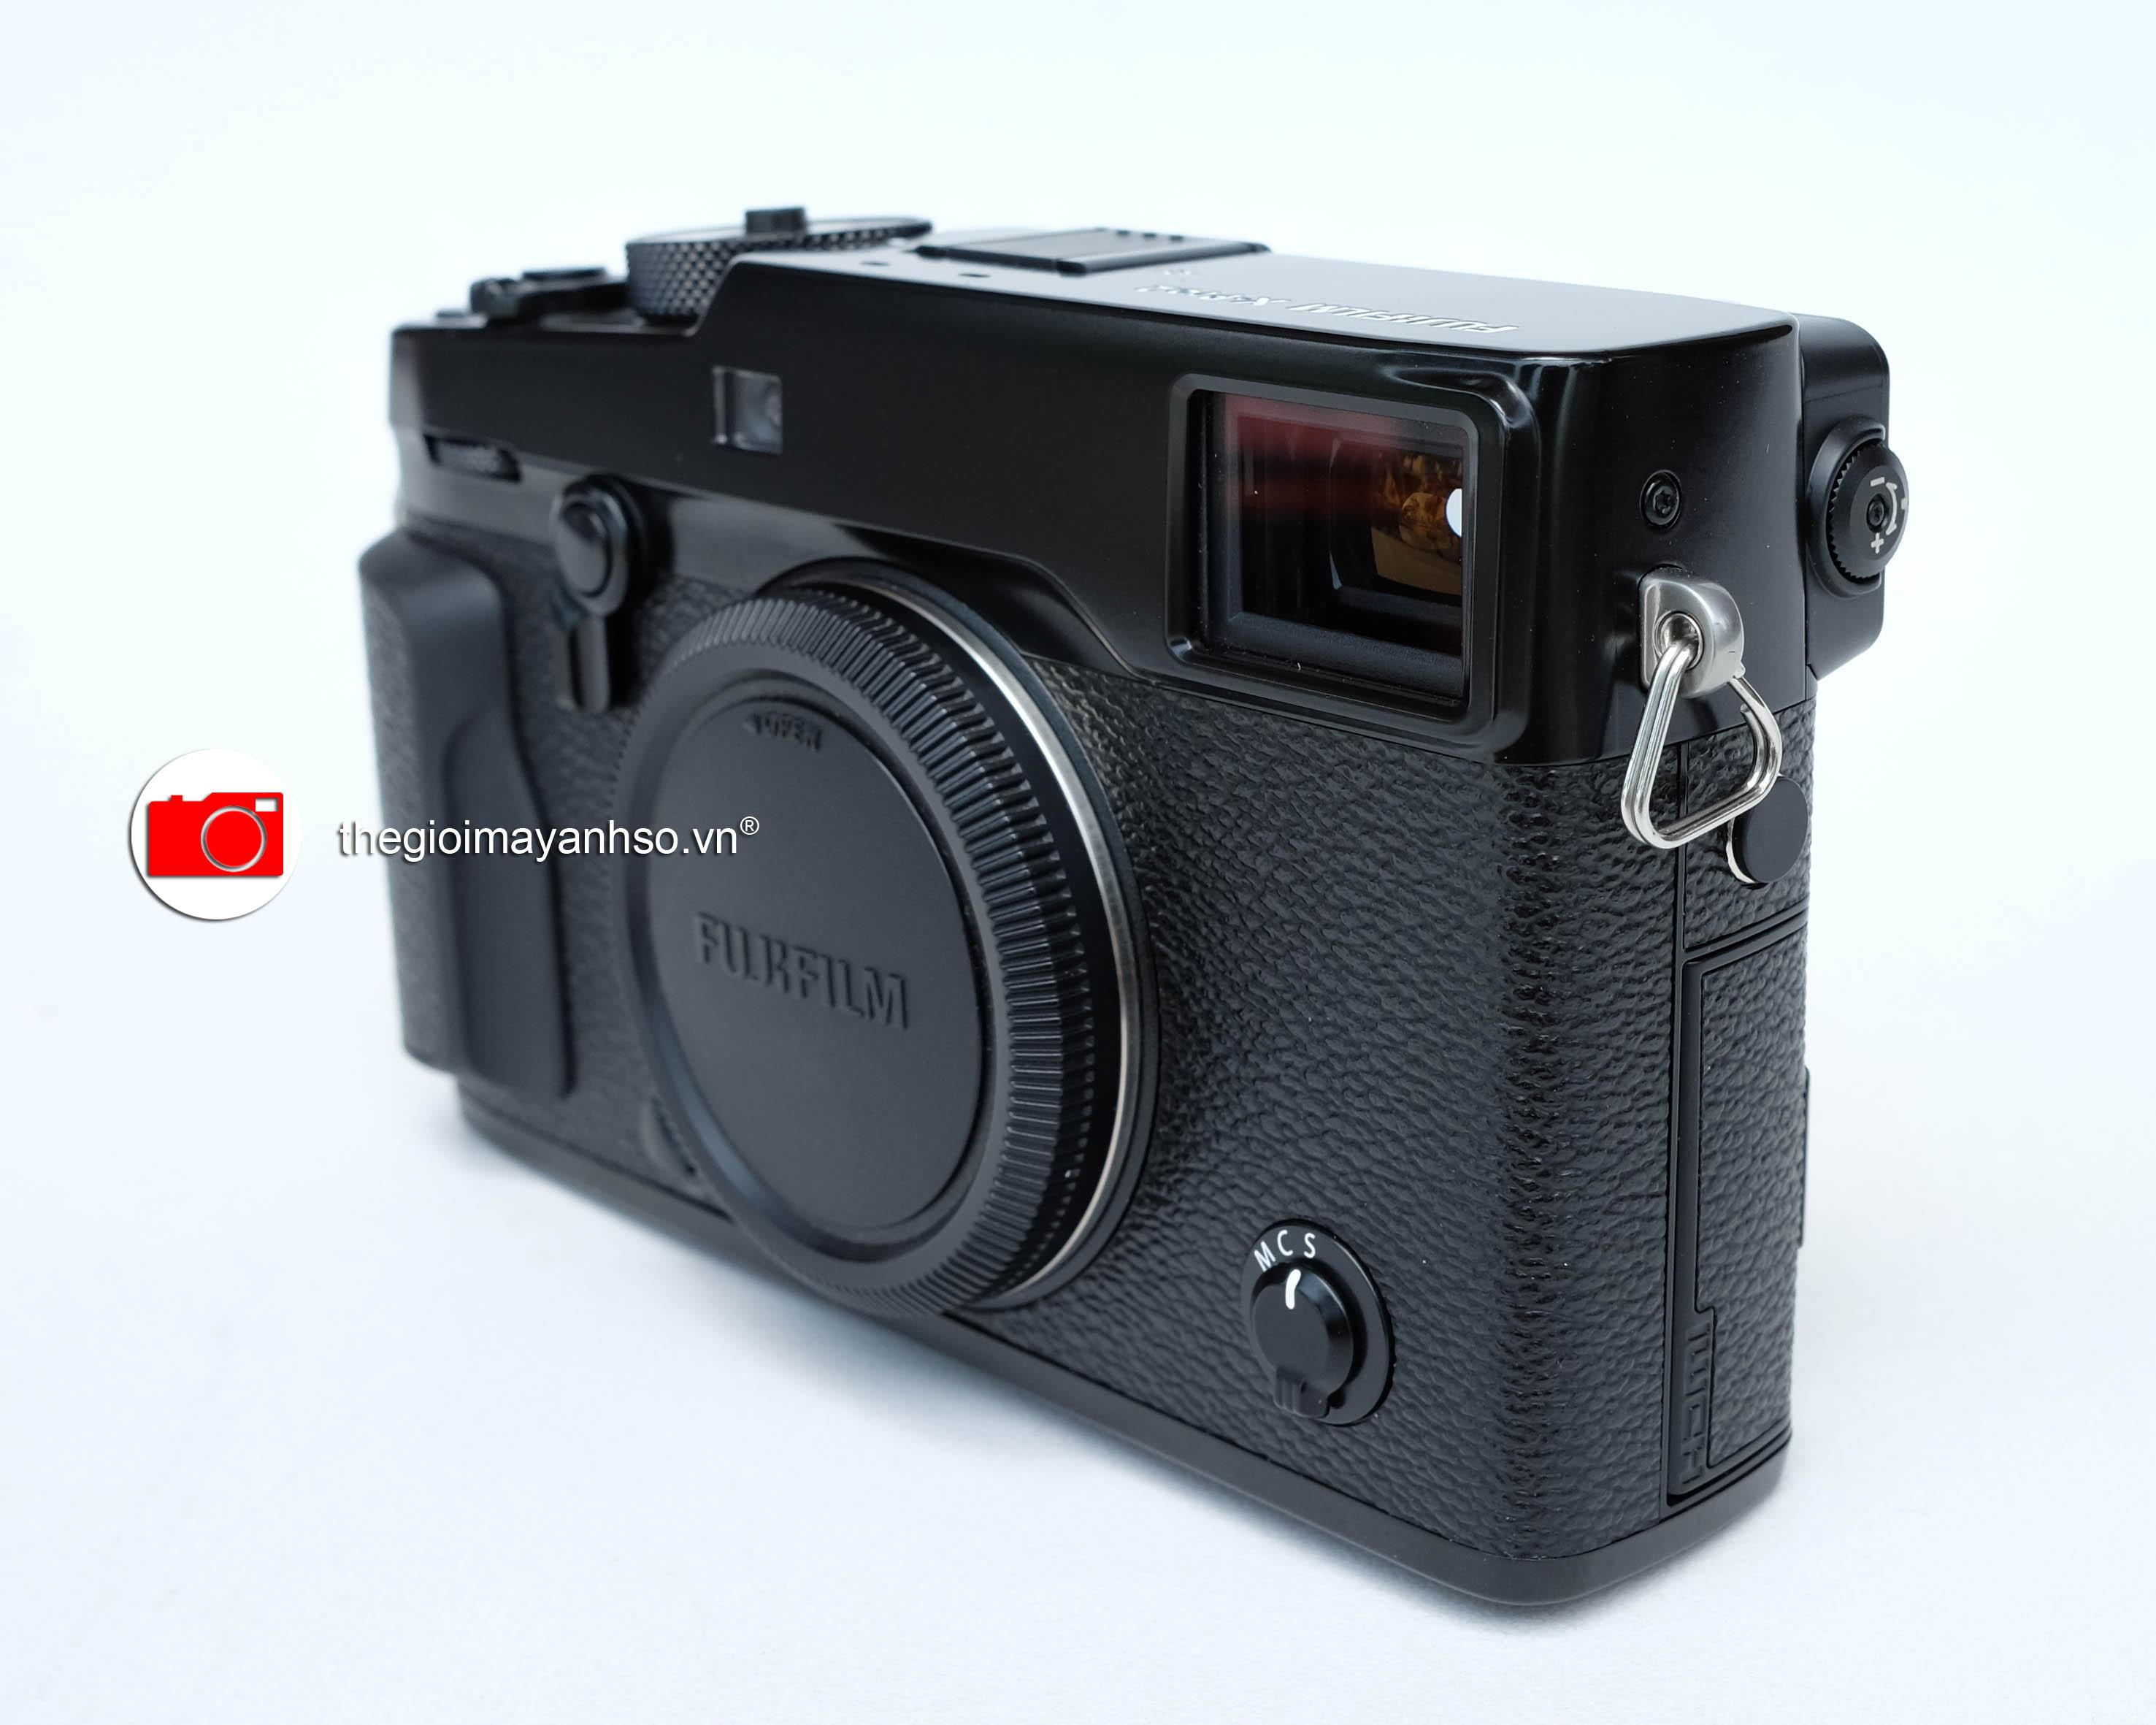 Fujifilm X-Pro 2 Body